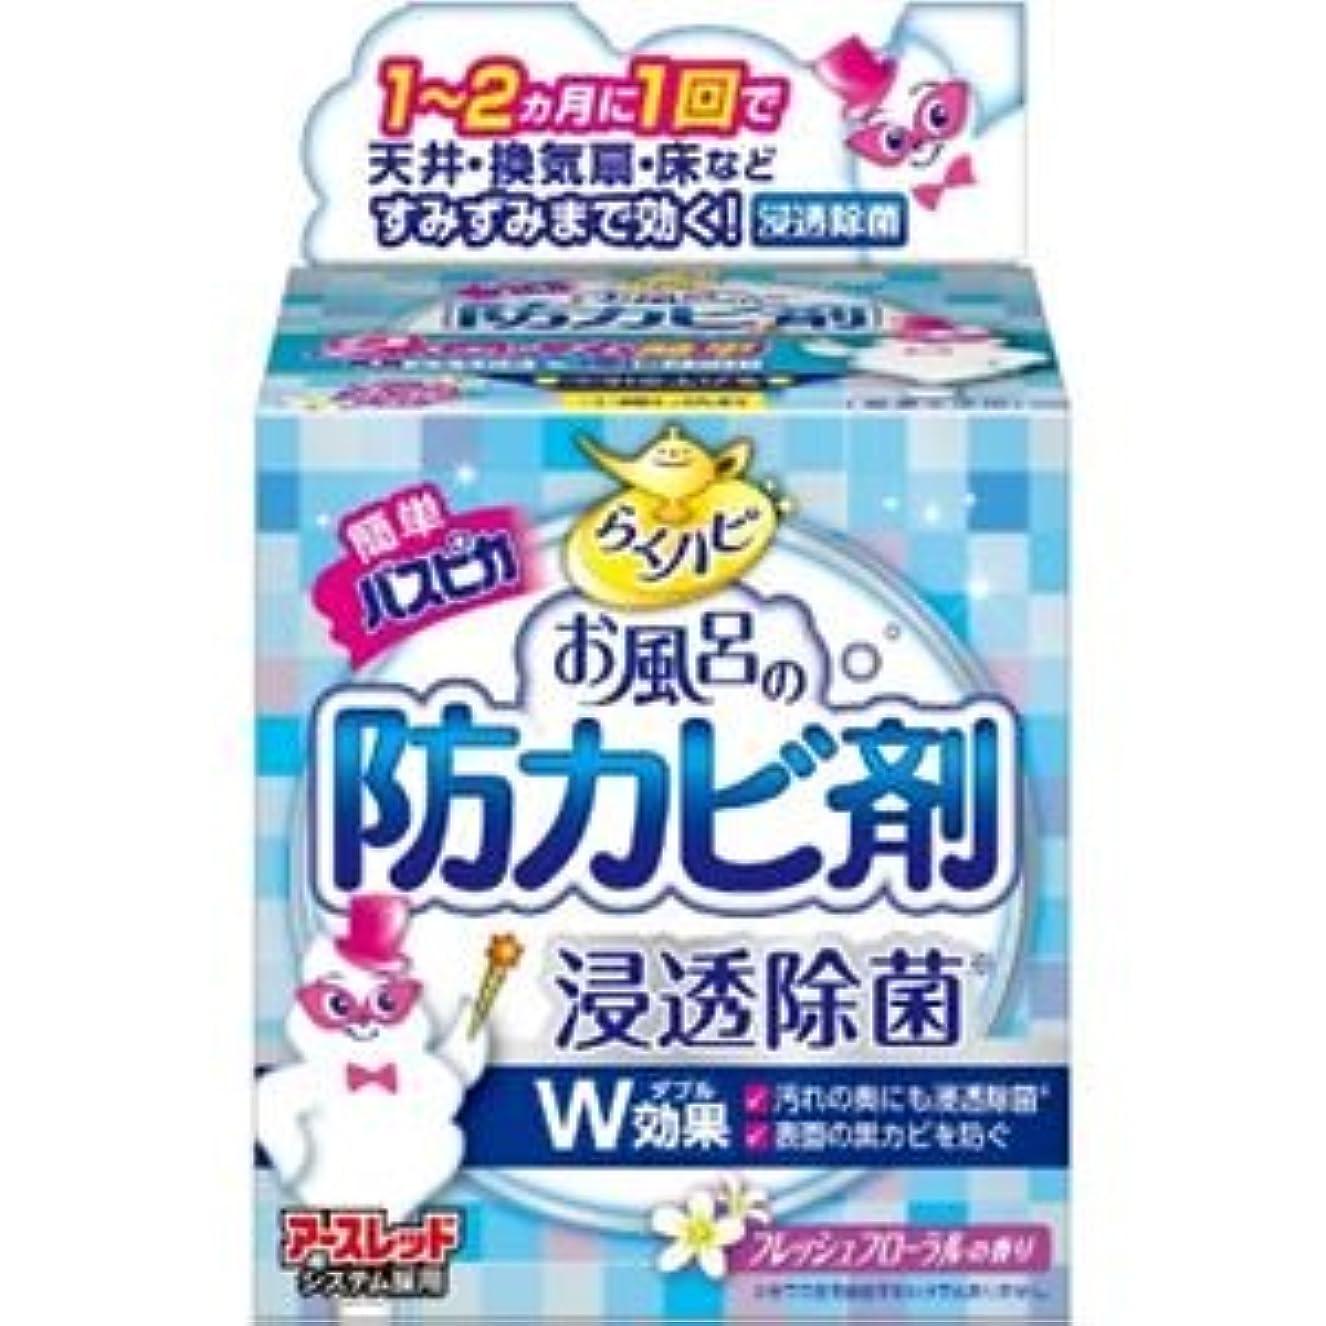 ブロンズオアシスシャンプー(まとめ)アース製薬 らくハピお風呂の防カビ剤フローラルの香り 【×3点セット】